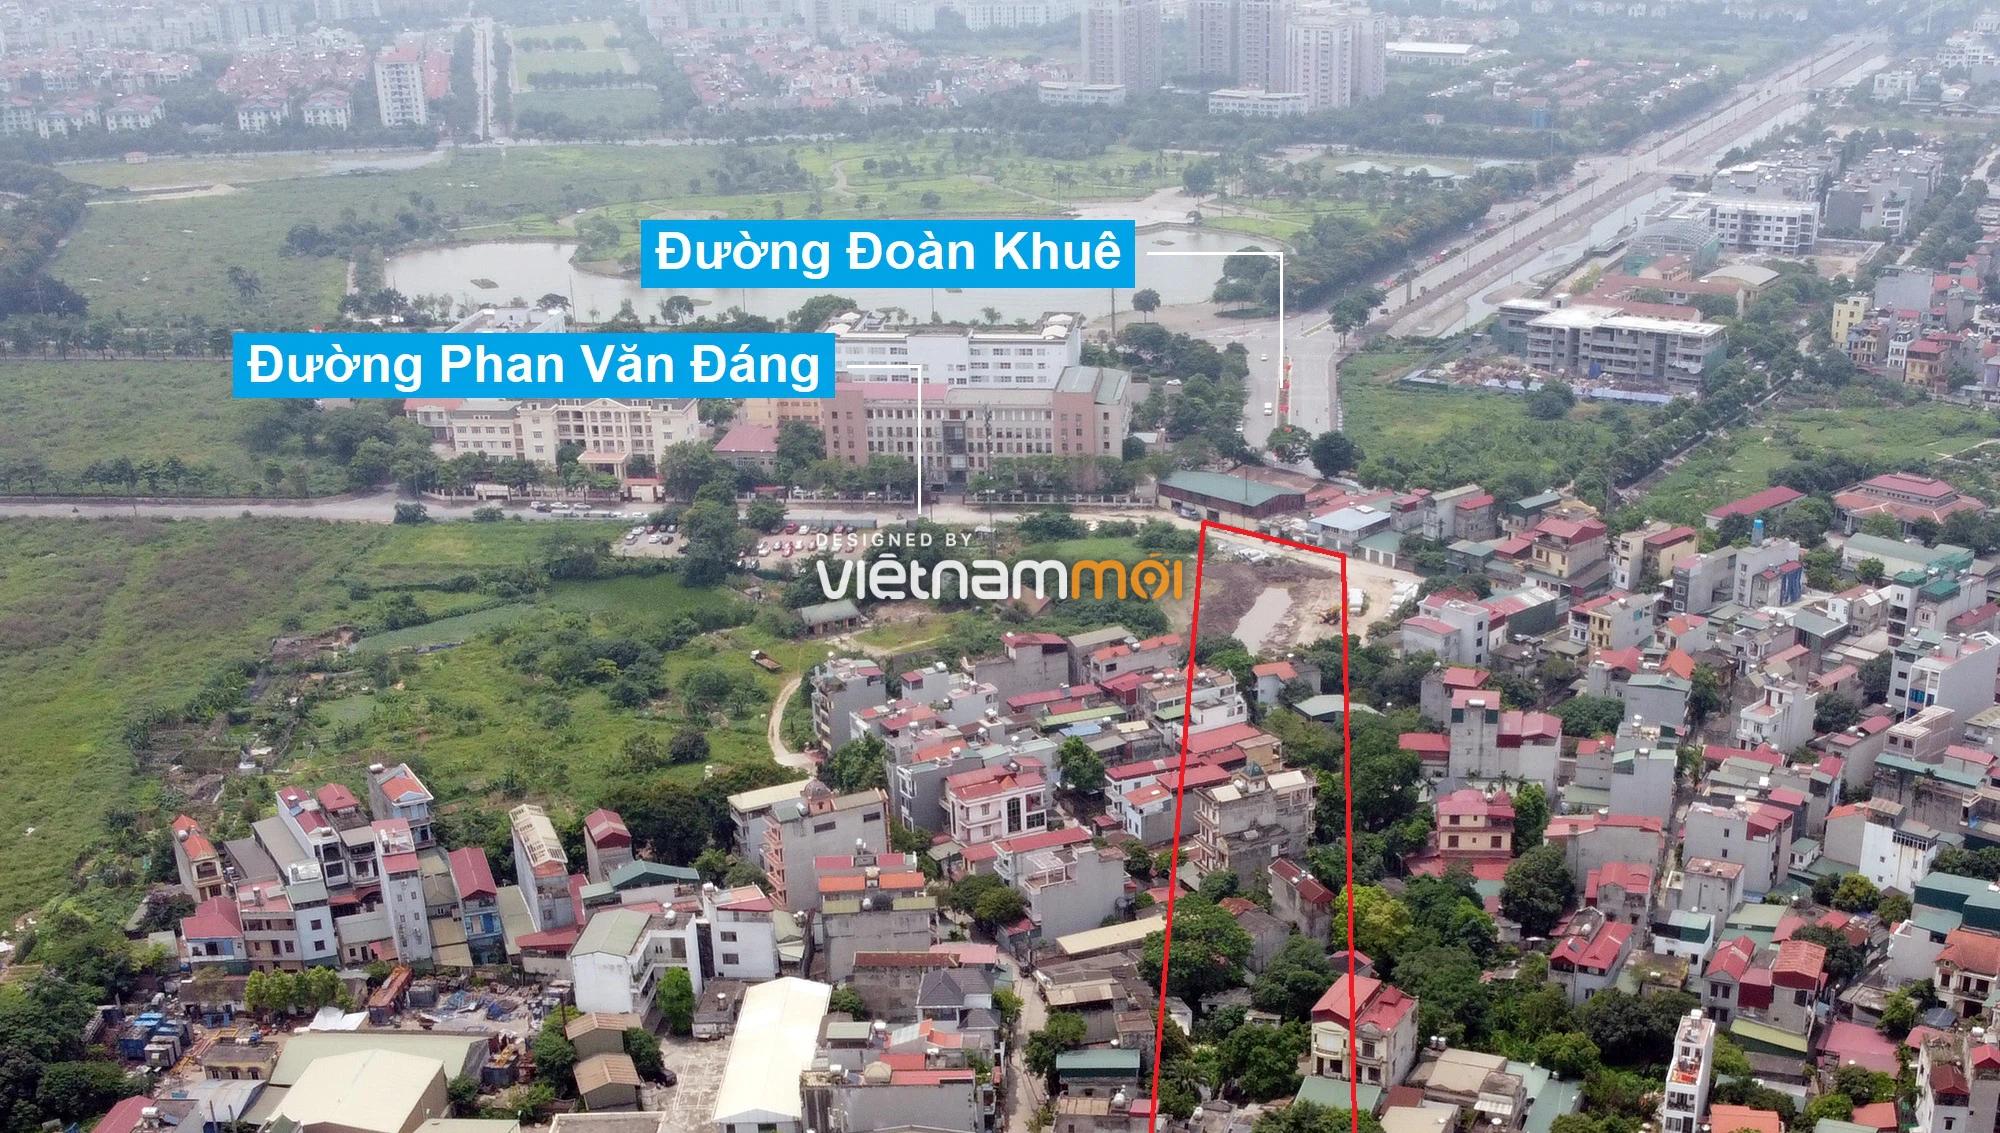 Những khu đất sắp thu hồi để mở đường ở phường Đức Giang, Long Biên, Hà Nội (phần 3) - Ảnh 3.